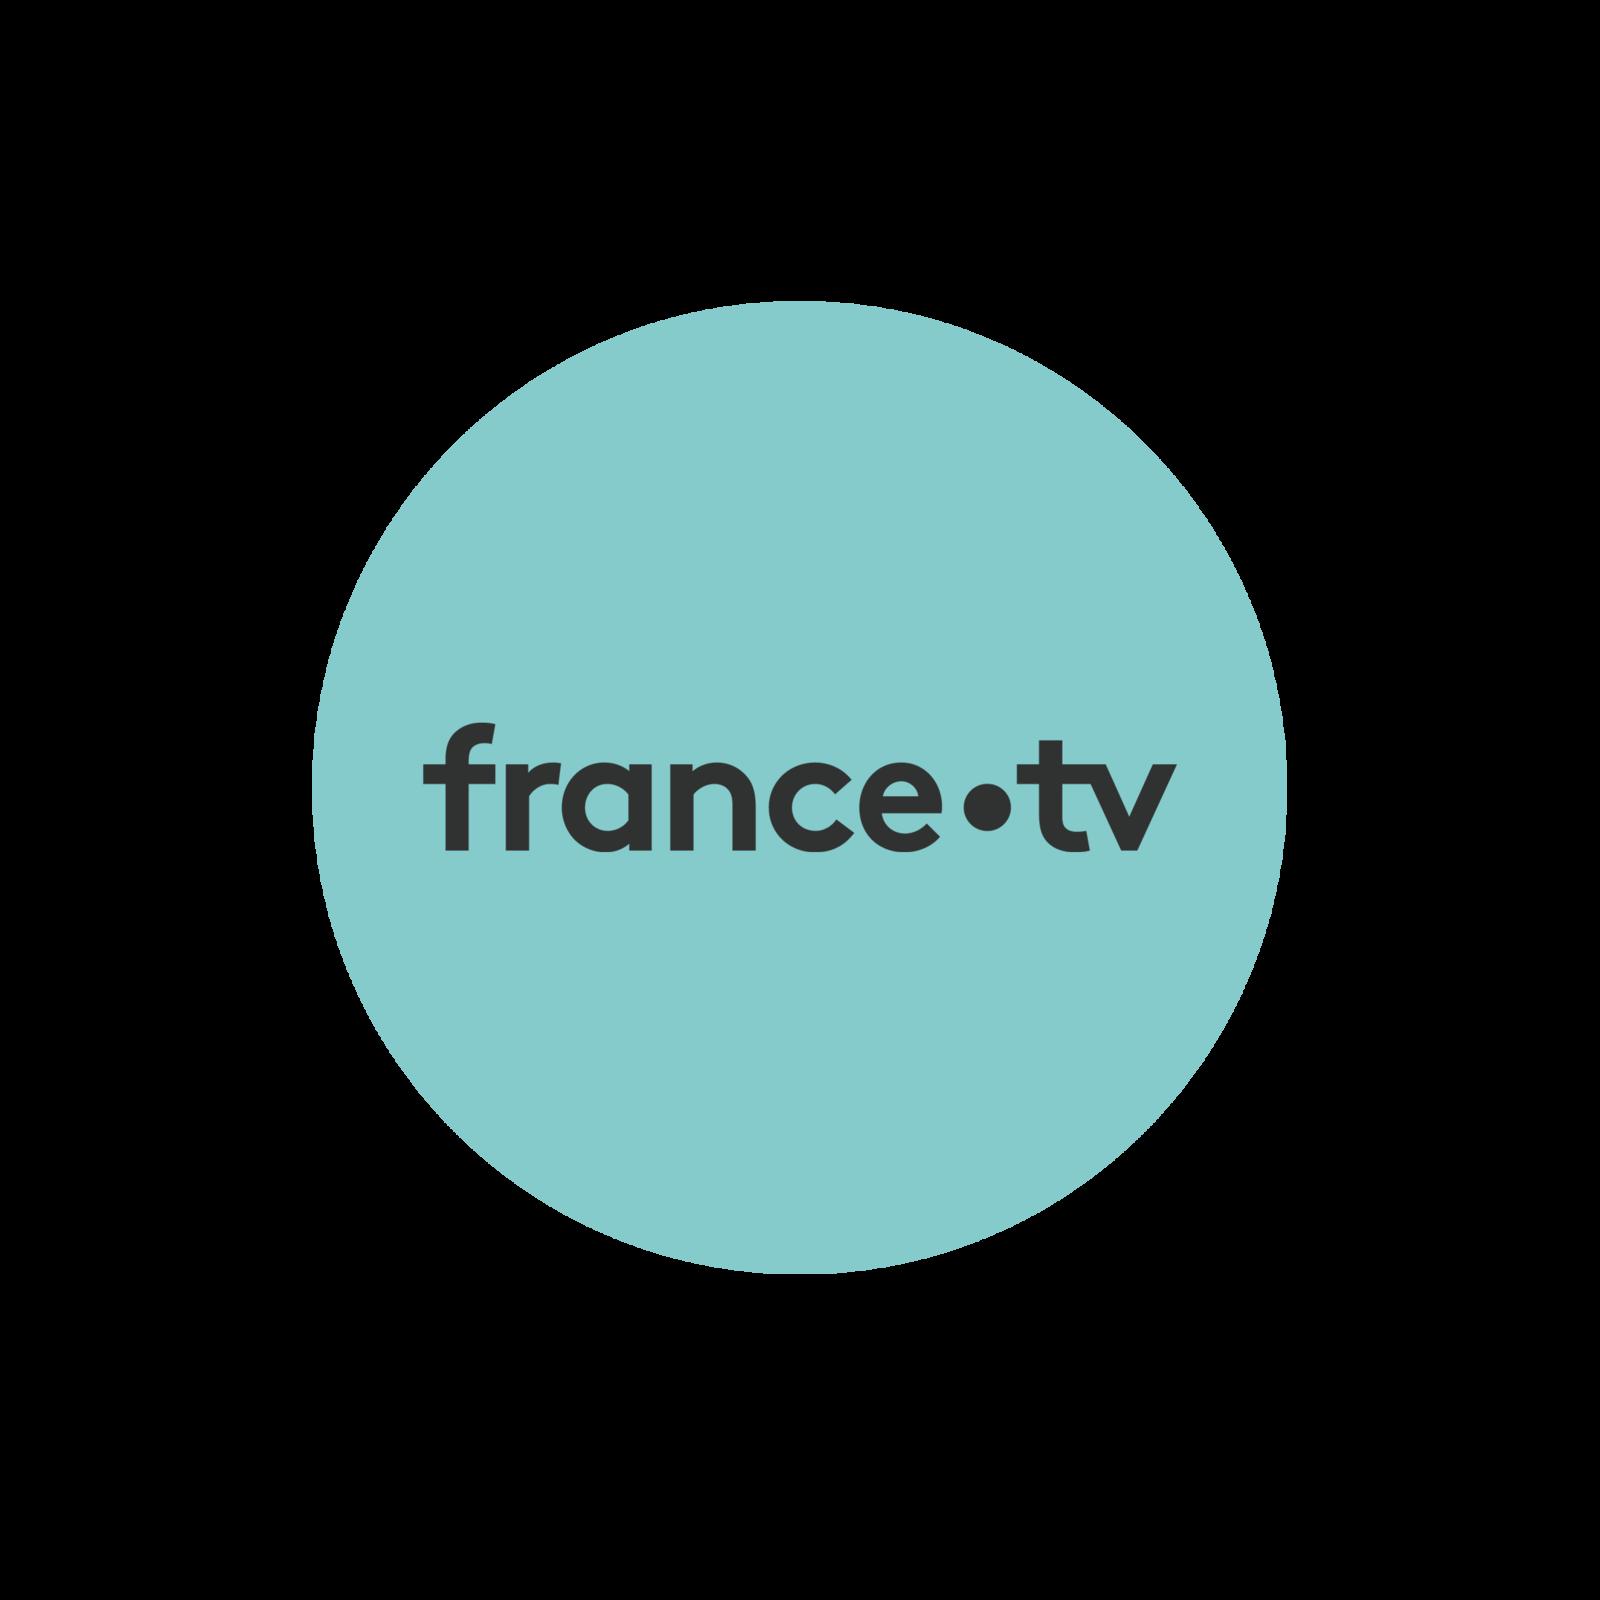 Nathalie Darrigrand quitte France Télévisions pour se consacrer à de nouveaux projets personnels (Communiqué).